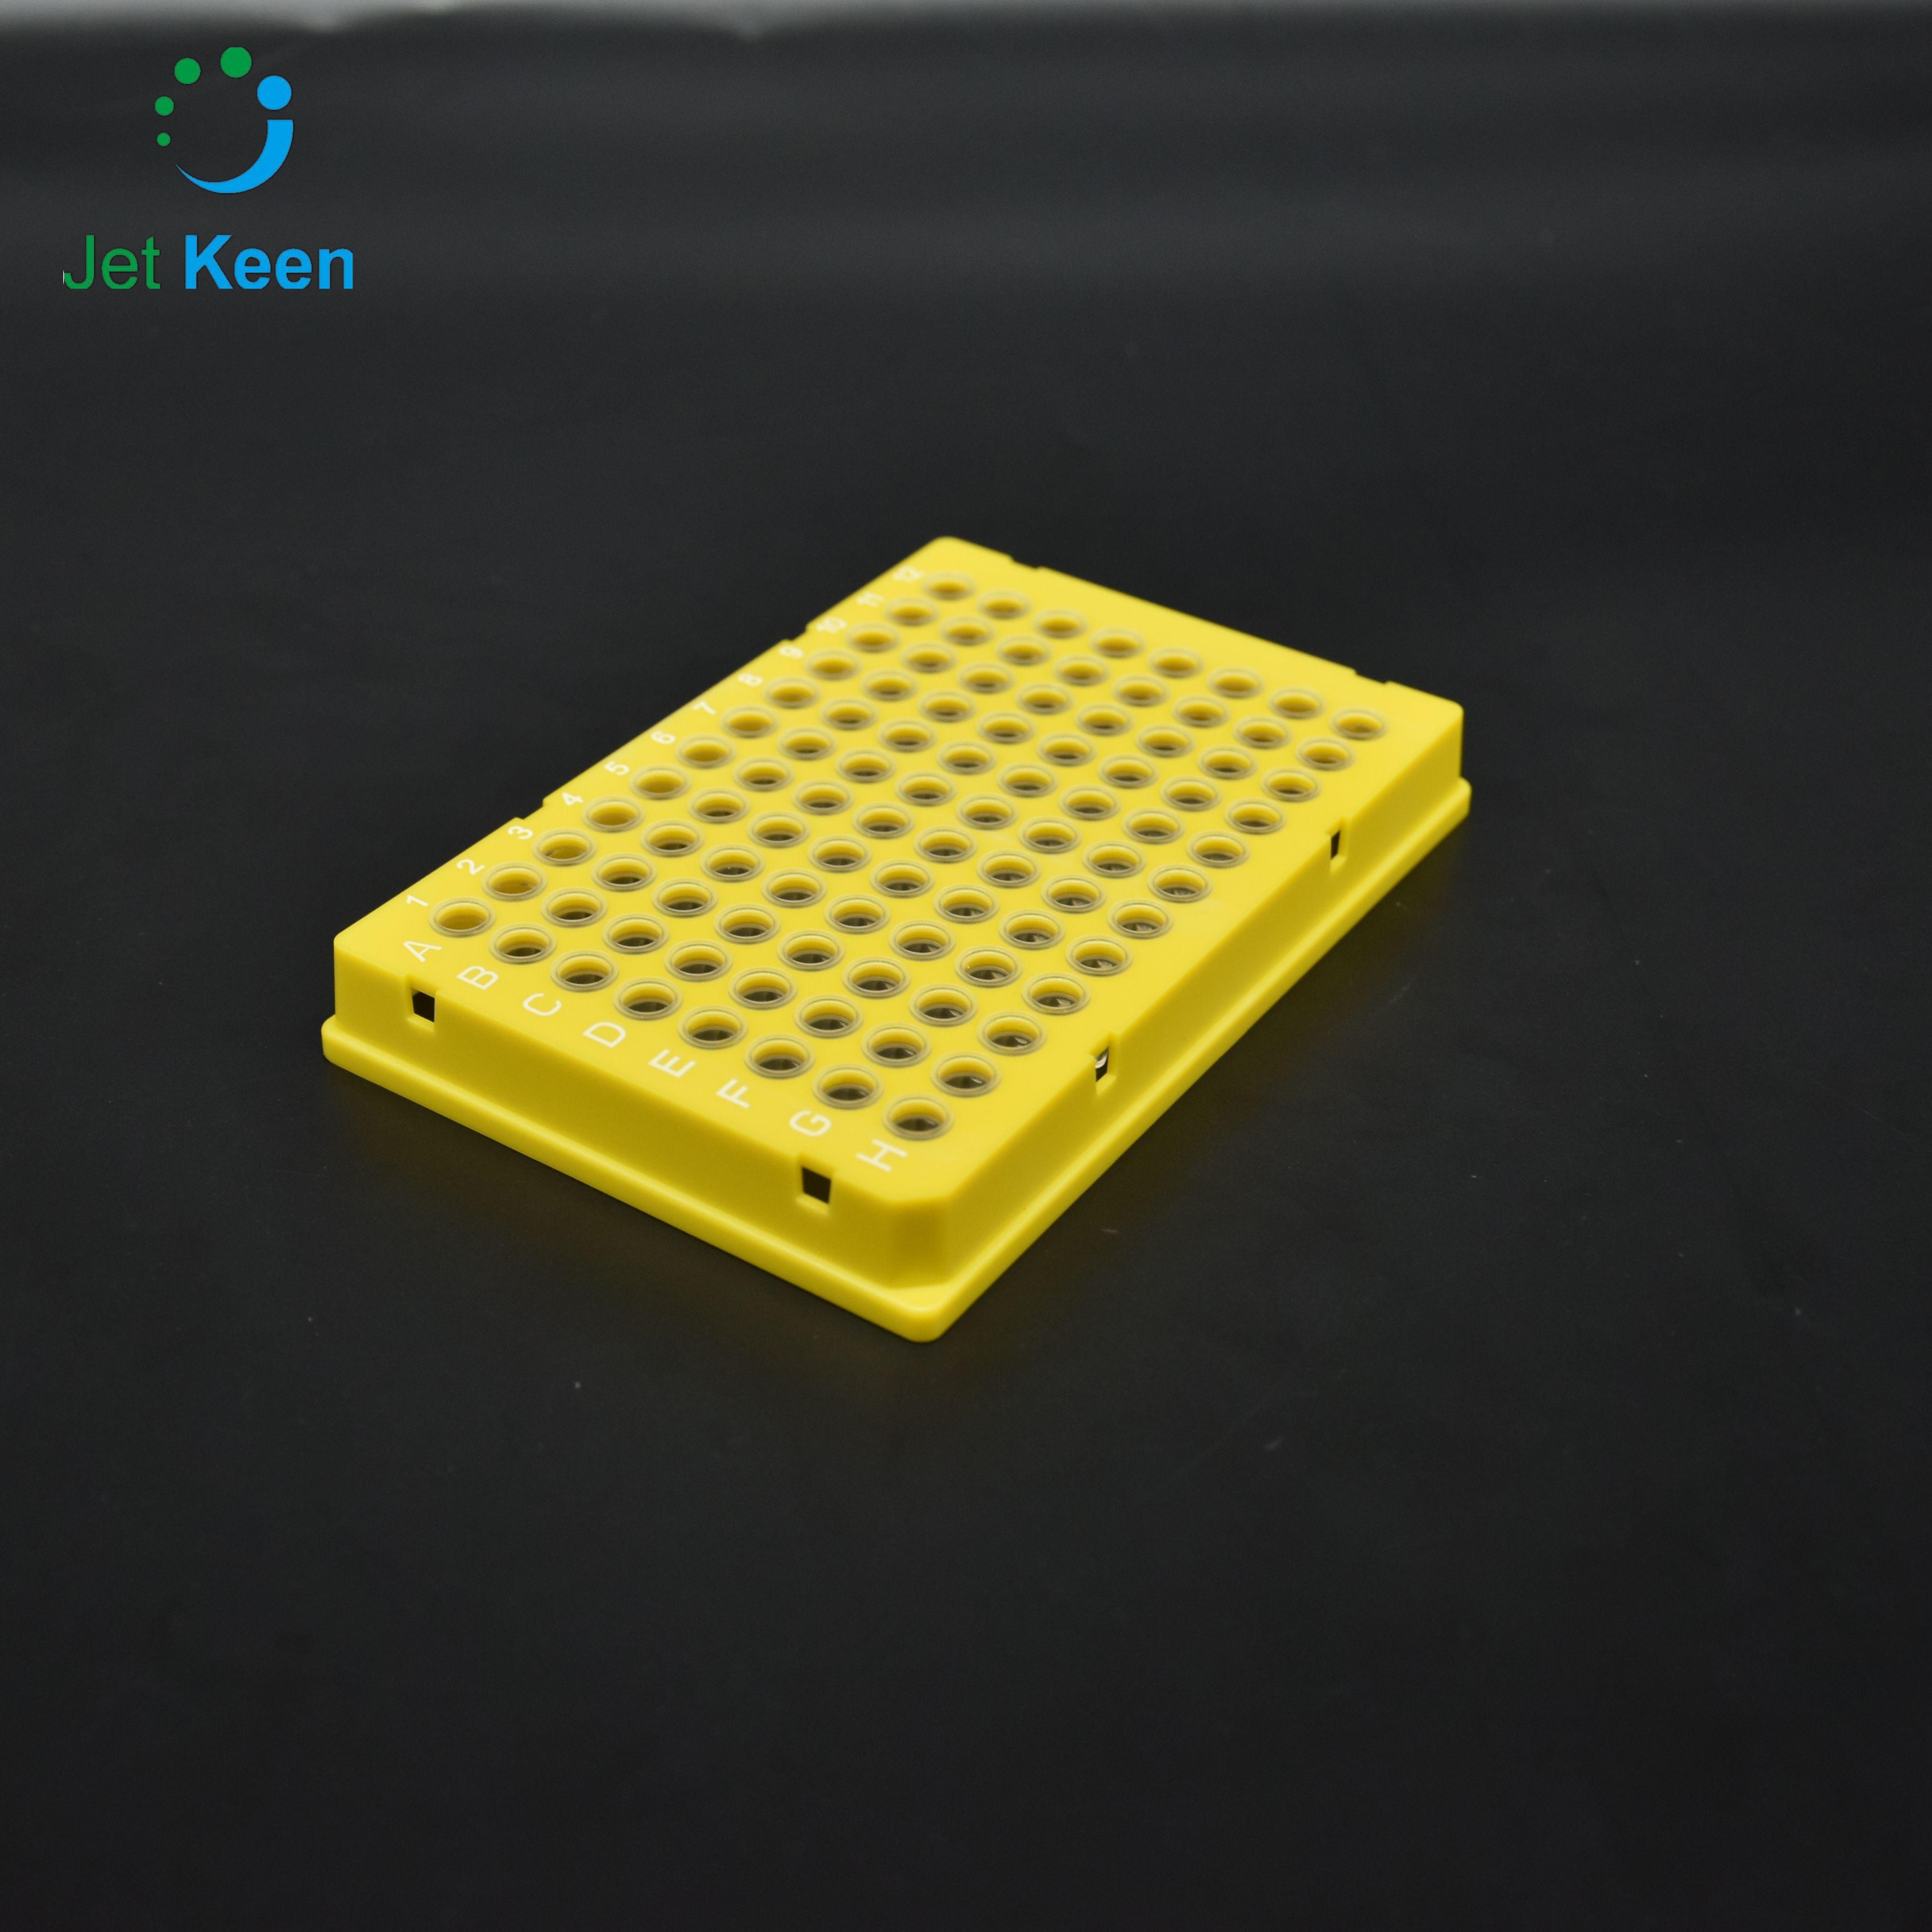 96孔 伯乐PCR板 全裙边 黄色框 透明管